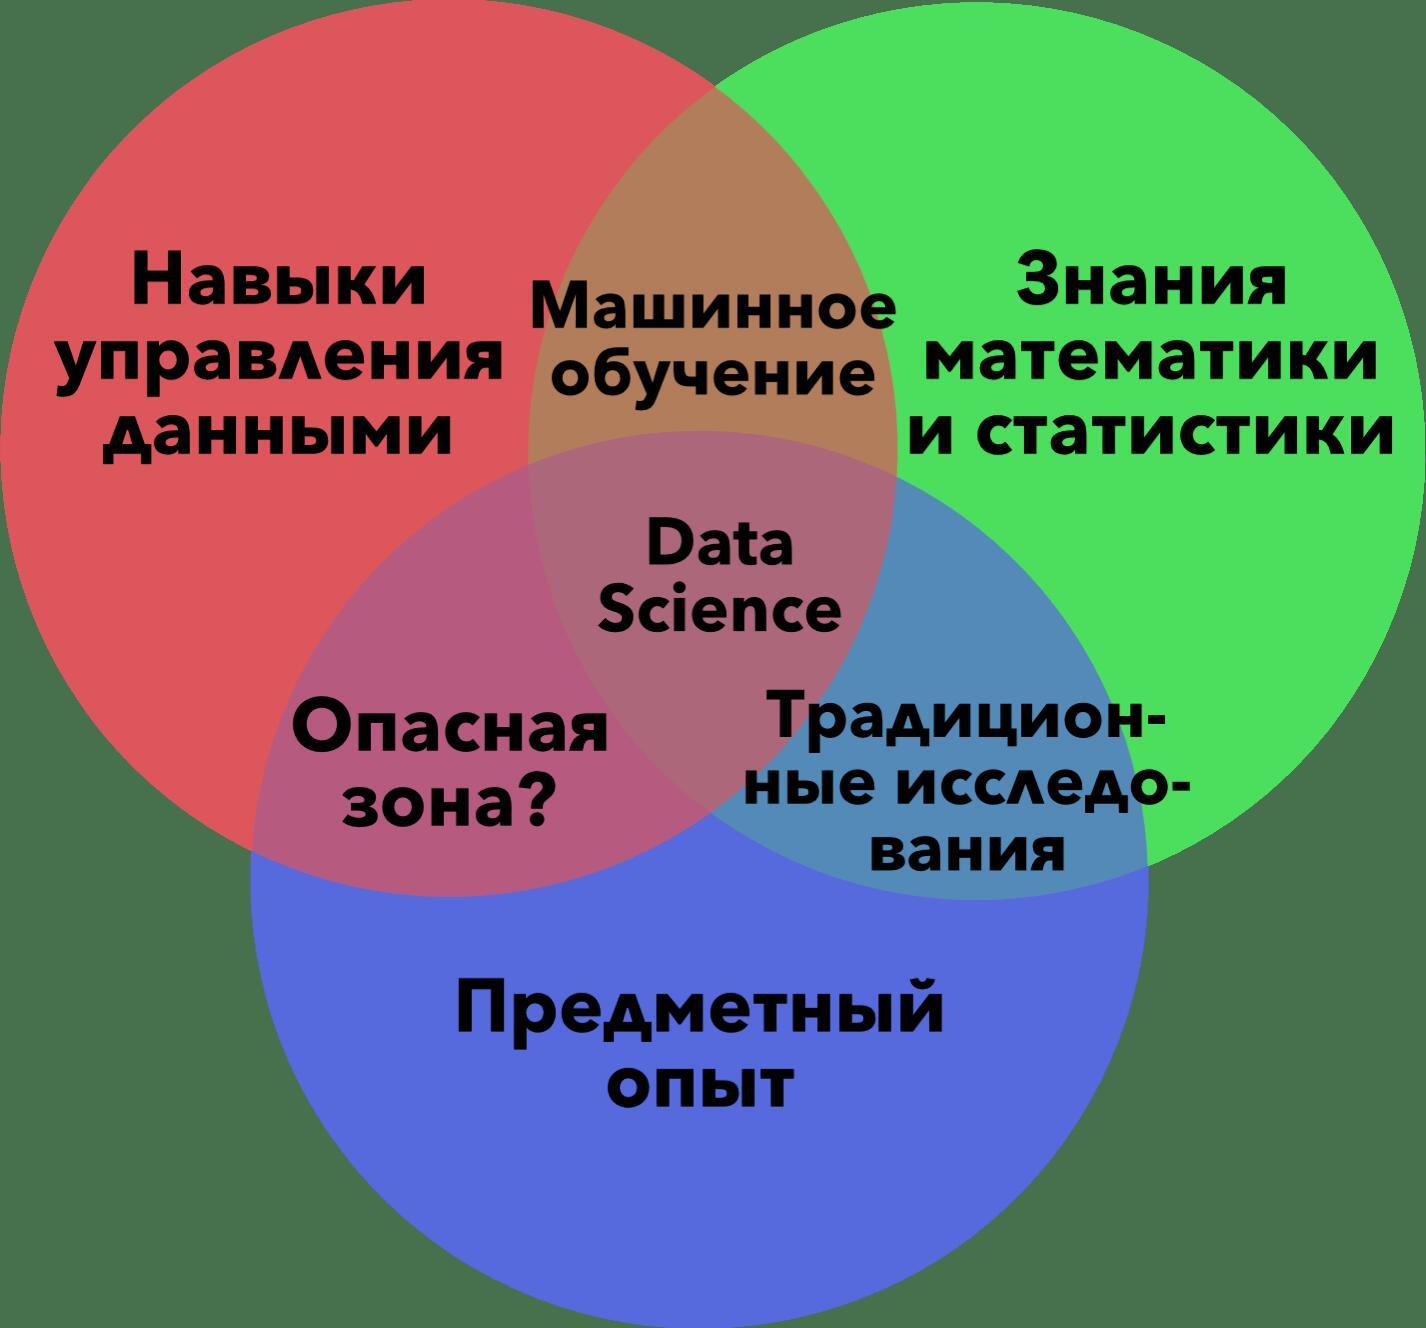 Инфографика Data Science